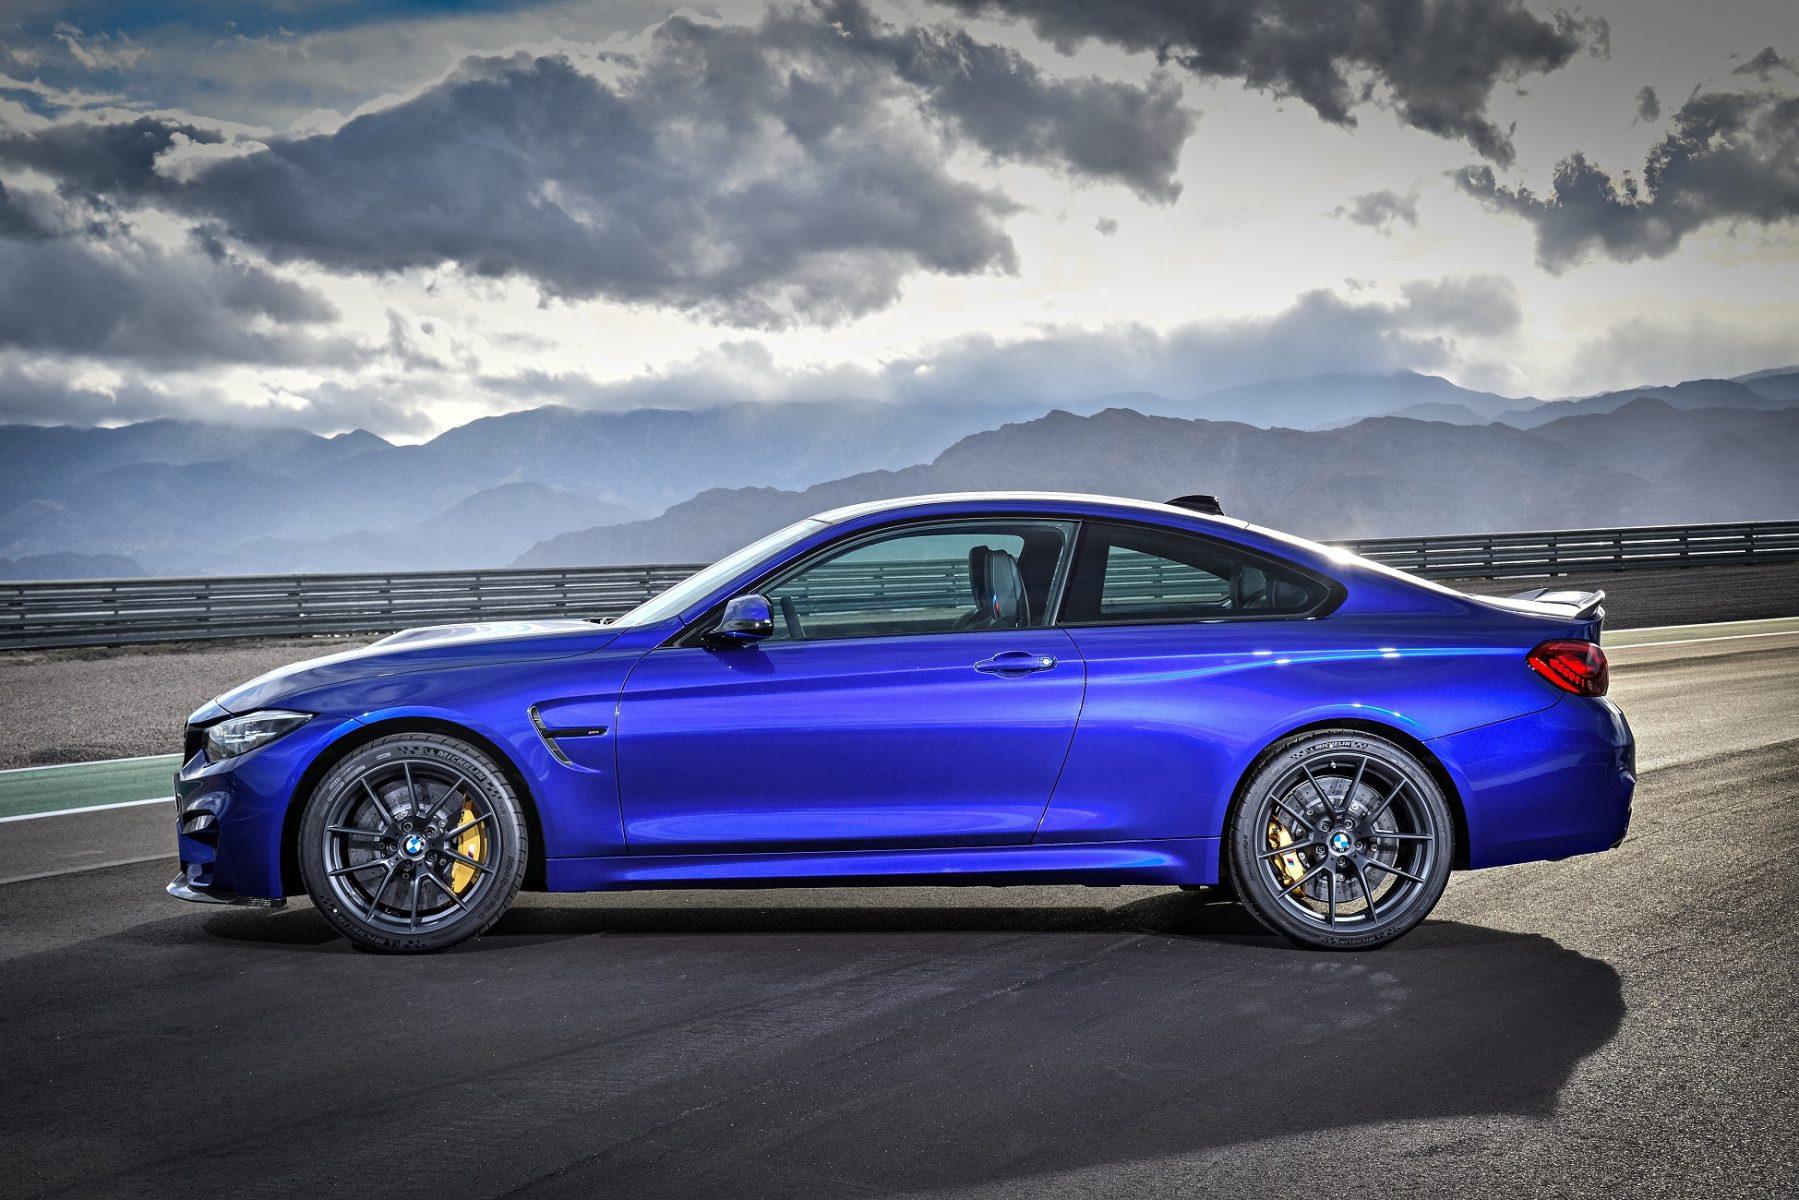 Marca anunciou que apenas seis unidades da versão esportiva BMW M4 CS será vendida no Brasil - veículo é o M4 mais potente para as ruas.